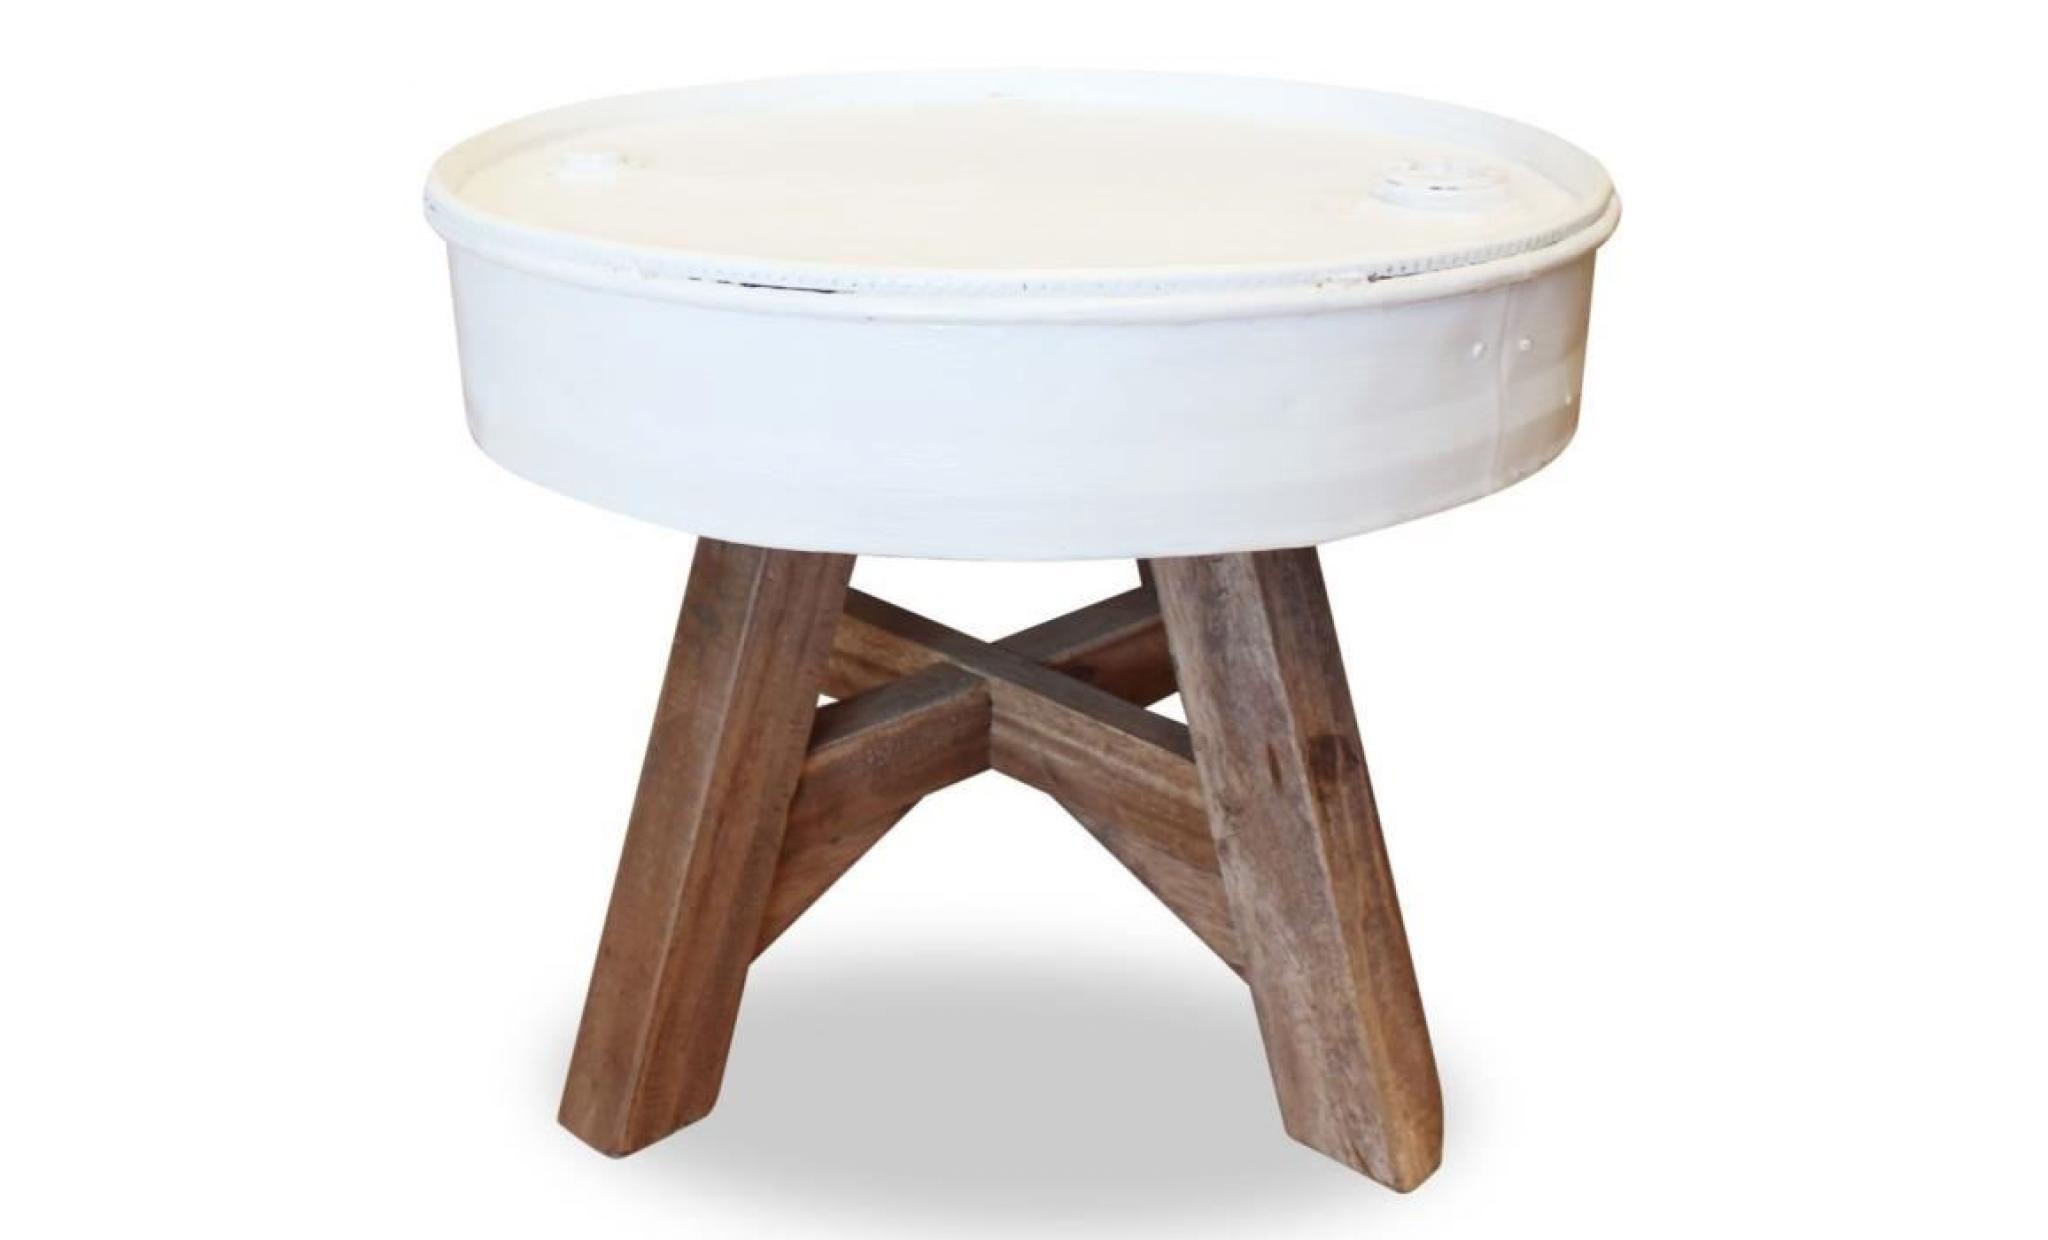 Table Basse Table De Salon Ronde Bois De Récupération Massif Fabrication à La Main 60 X 45 Cm Blanc